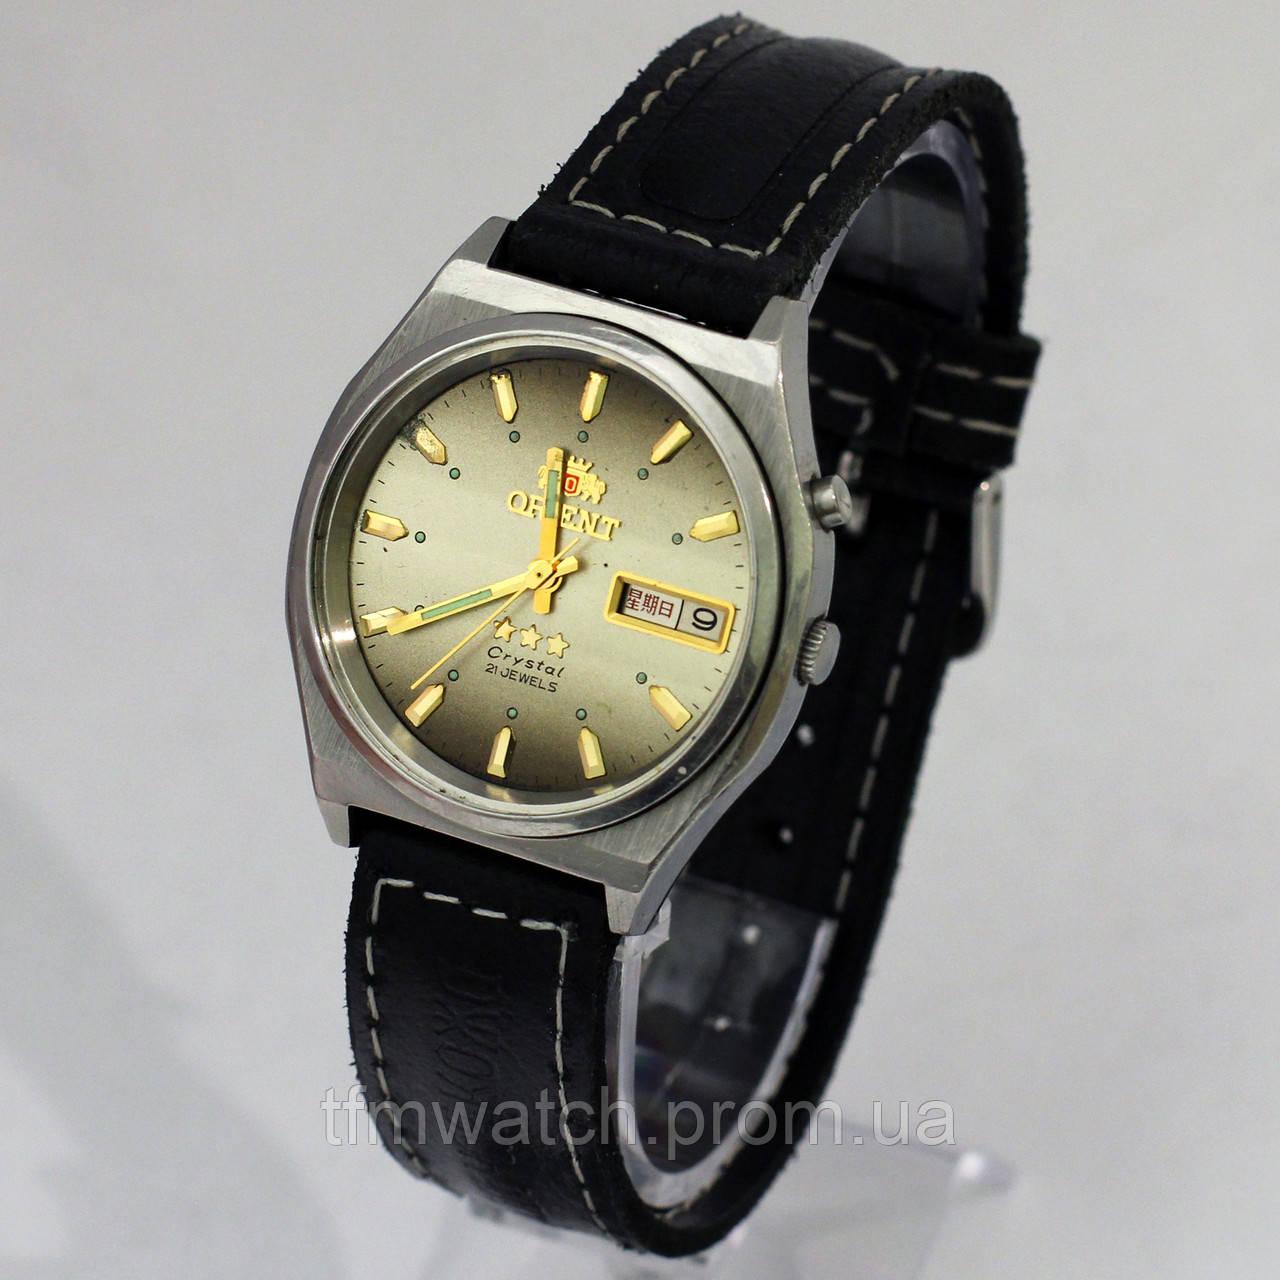 Механические часы Ориент 3 звезды